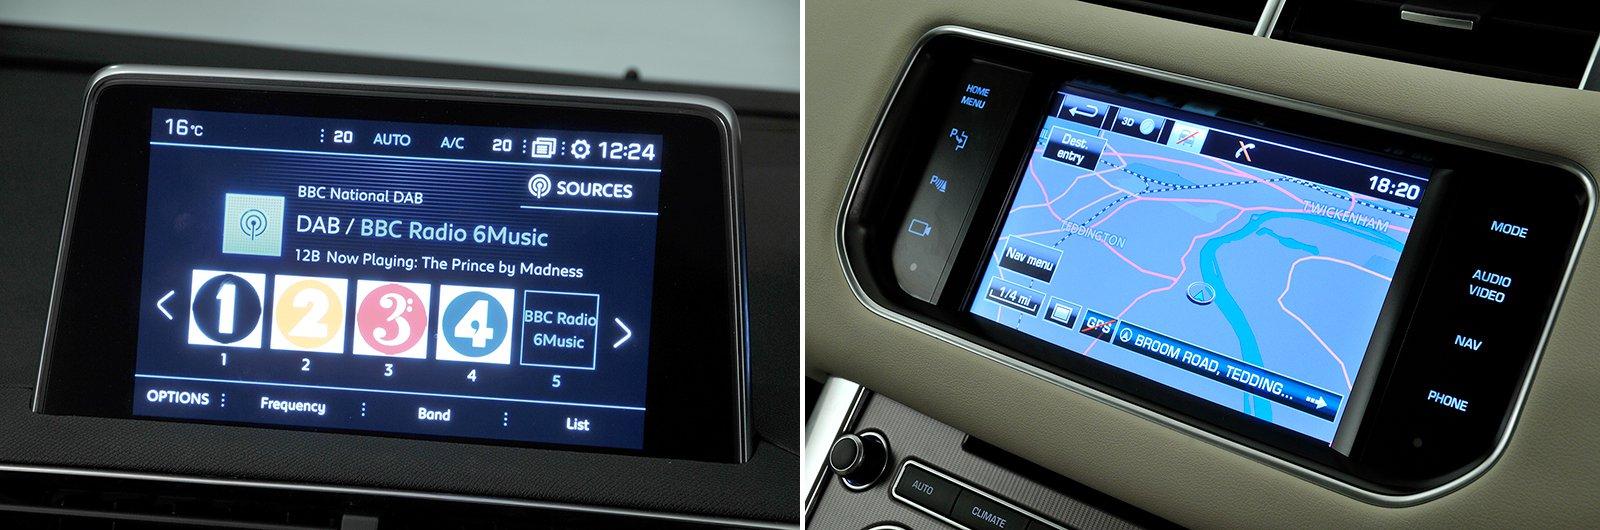 new Peugeot 5008 vs used Range Rover Sport infotainment